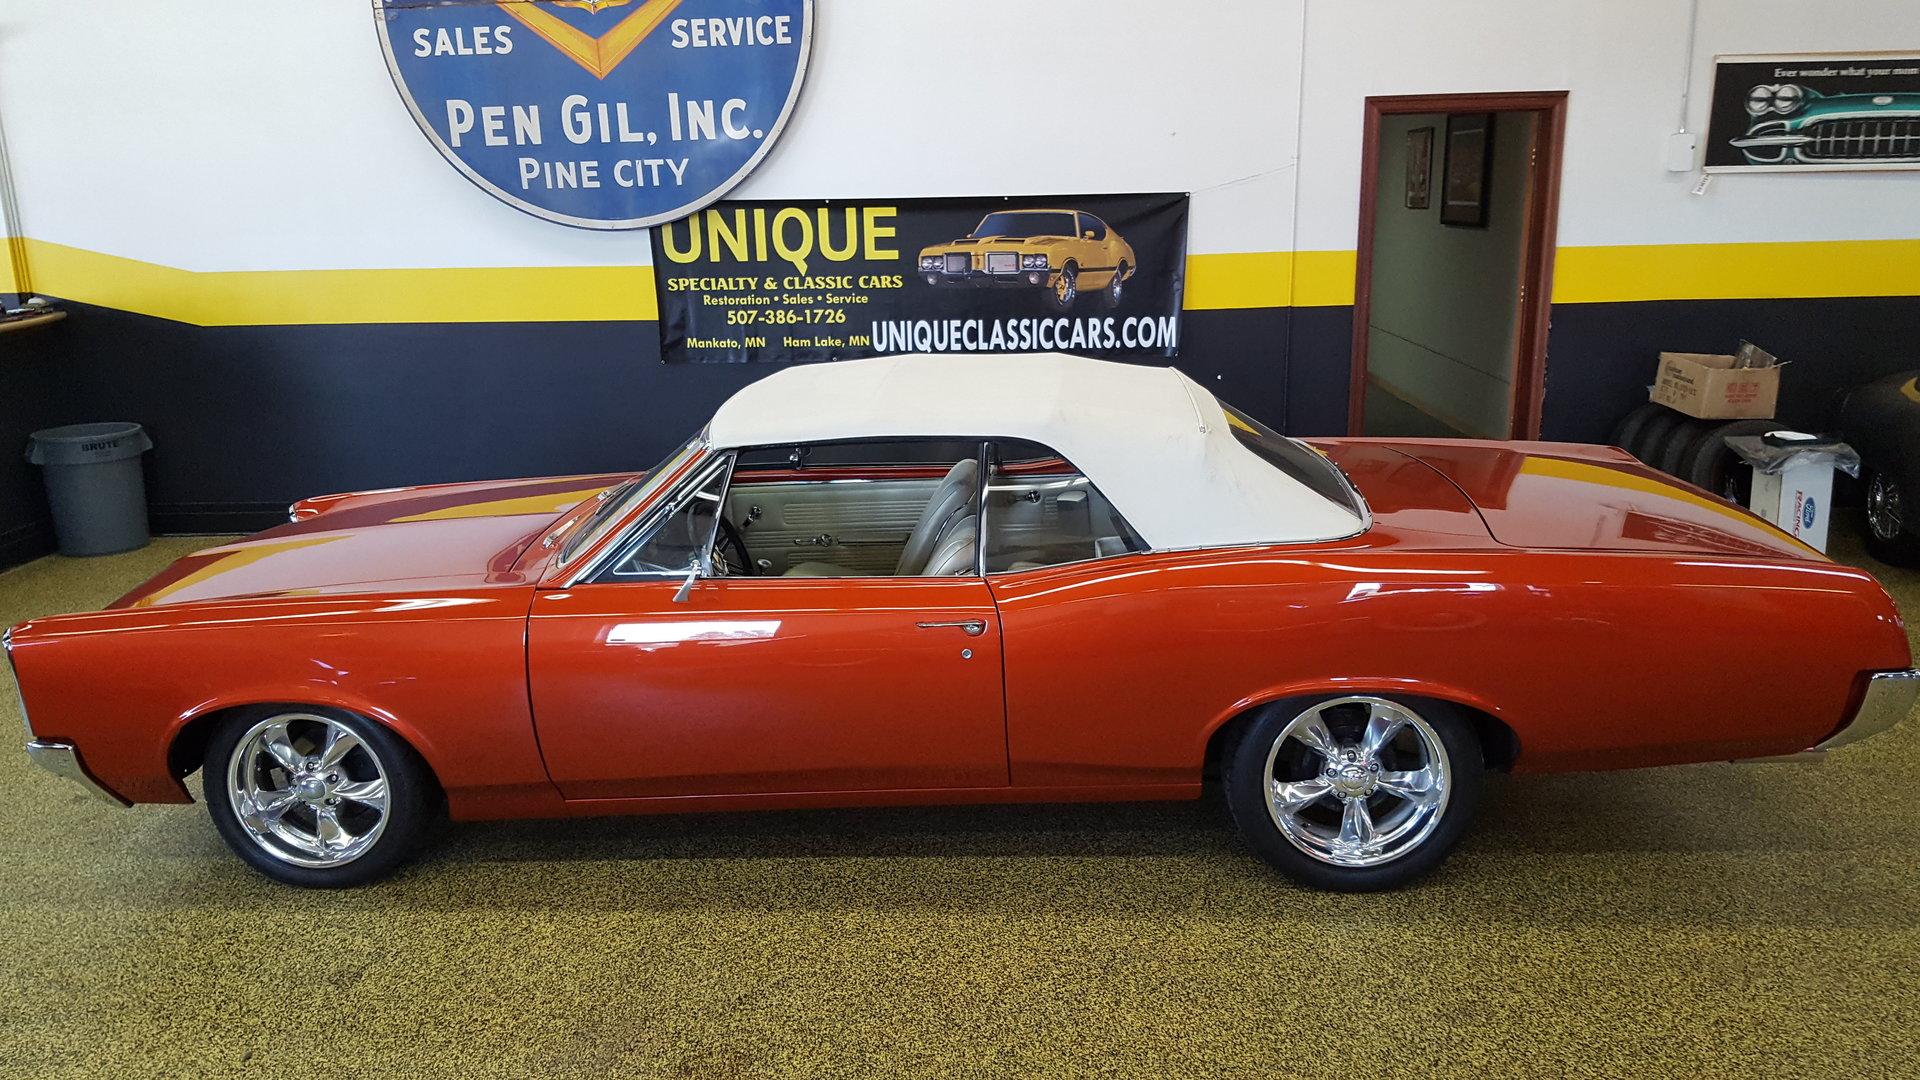 1967 pontiac lemans convertible for sale 62328 mcg for General motors assembly line job description